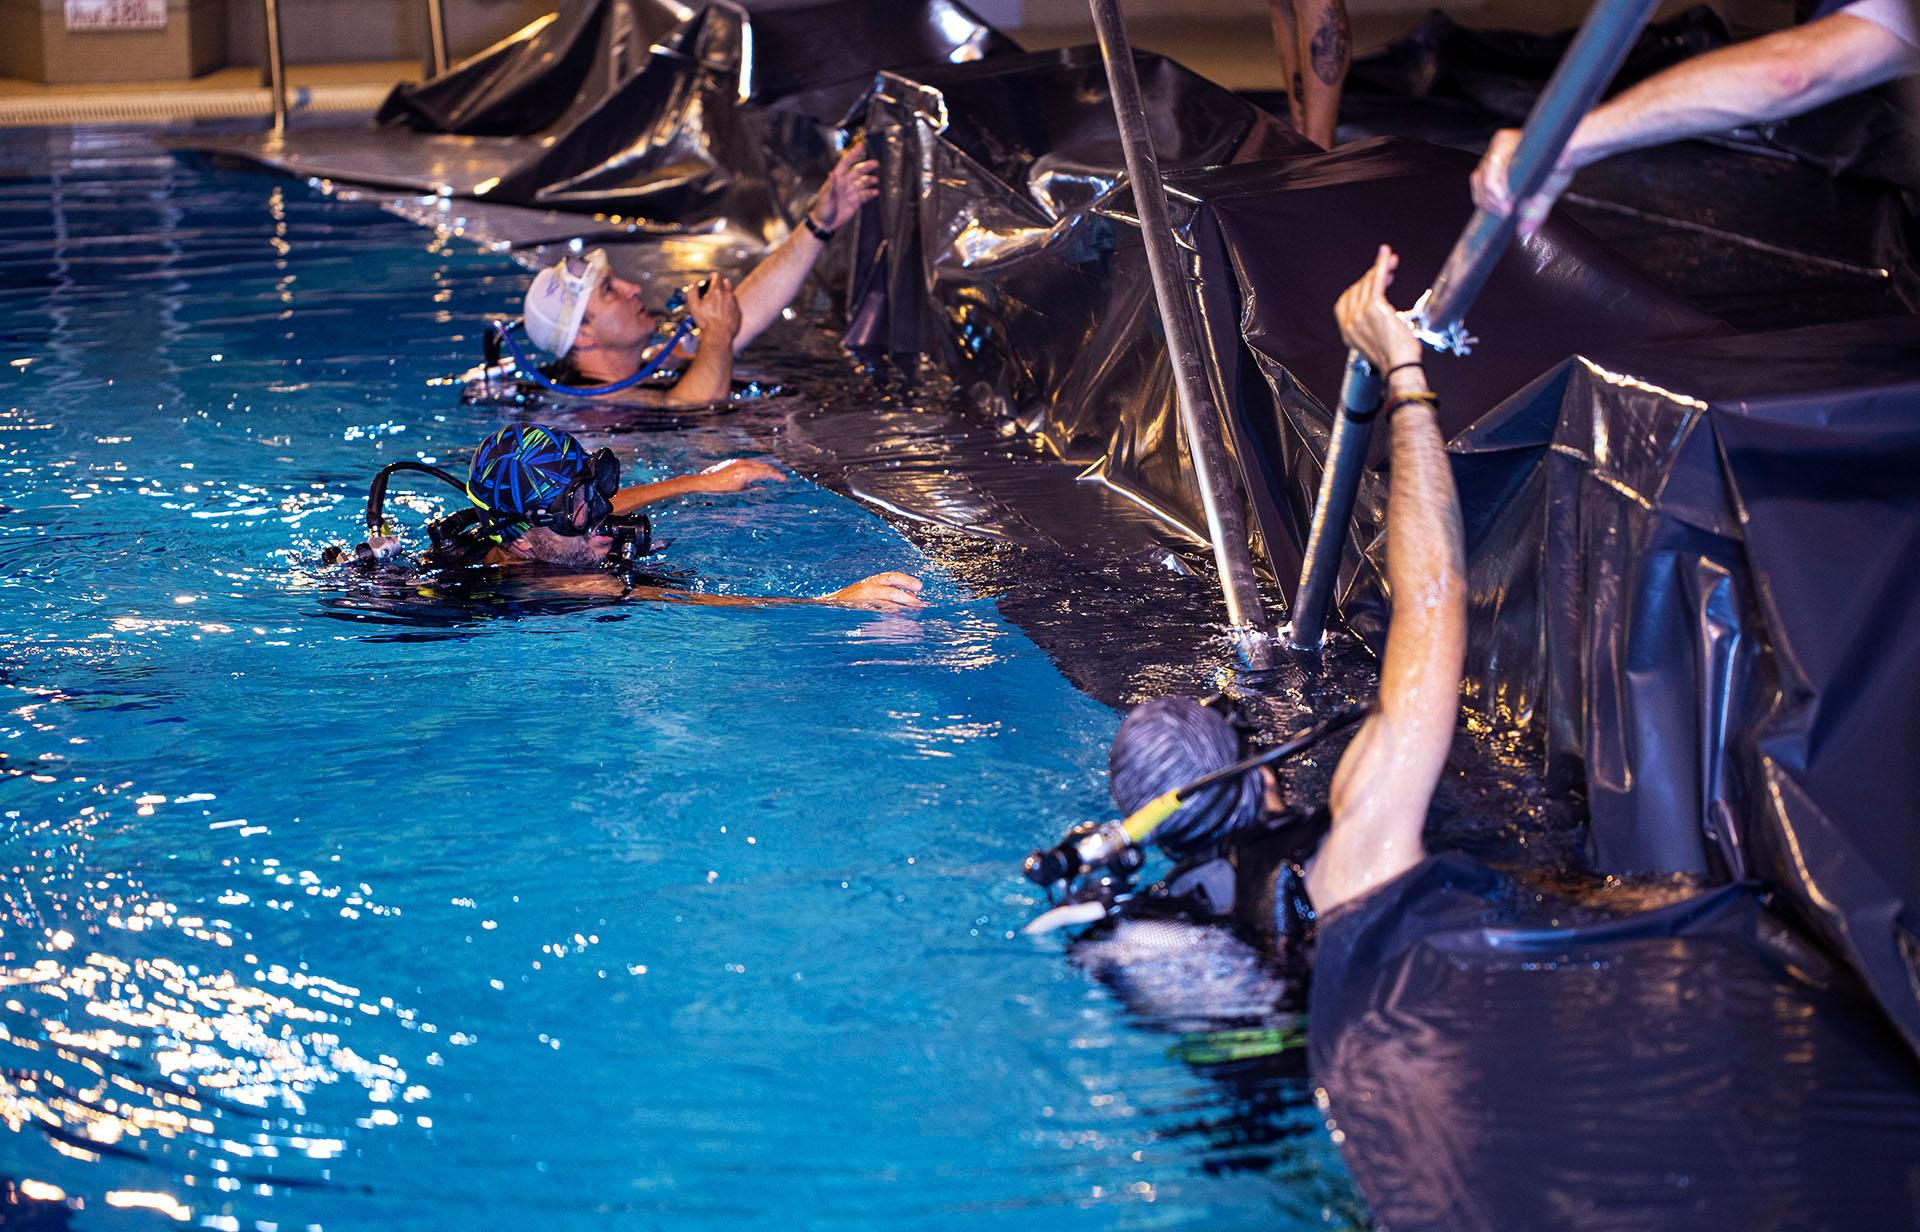 plongeurs dans une piscine pour un tournage sous l'eau